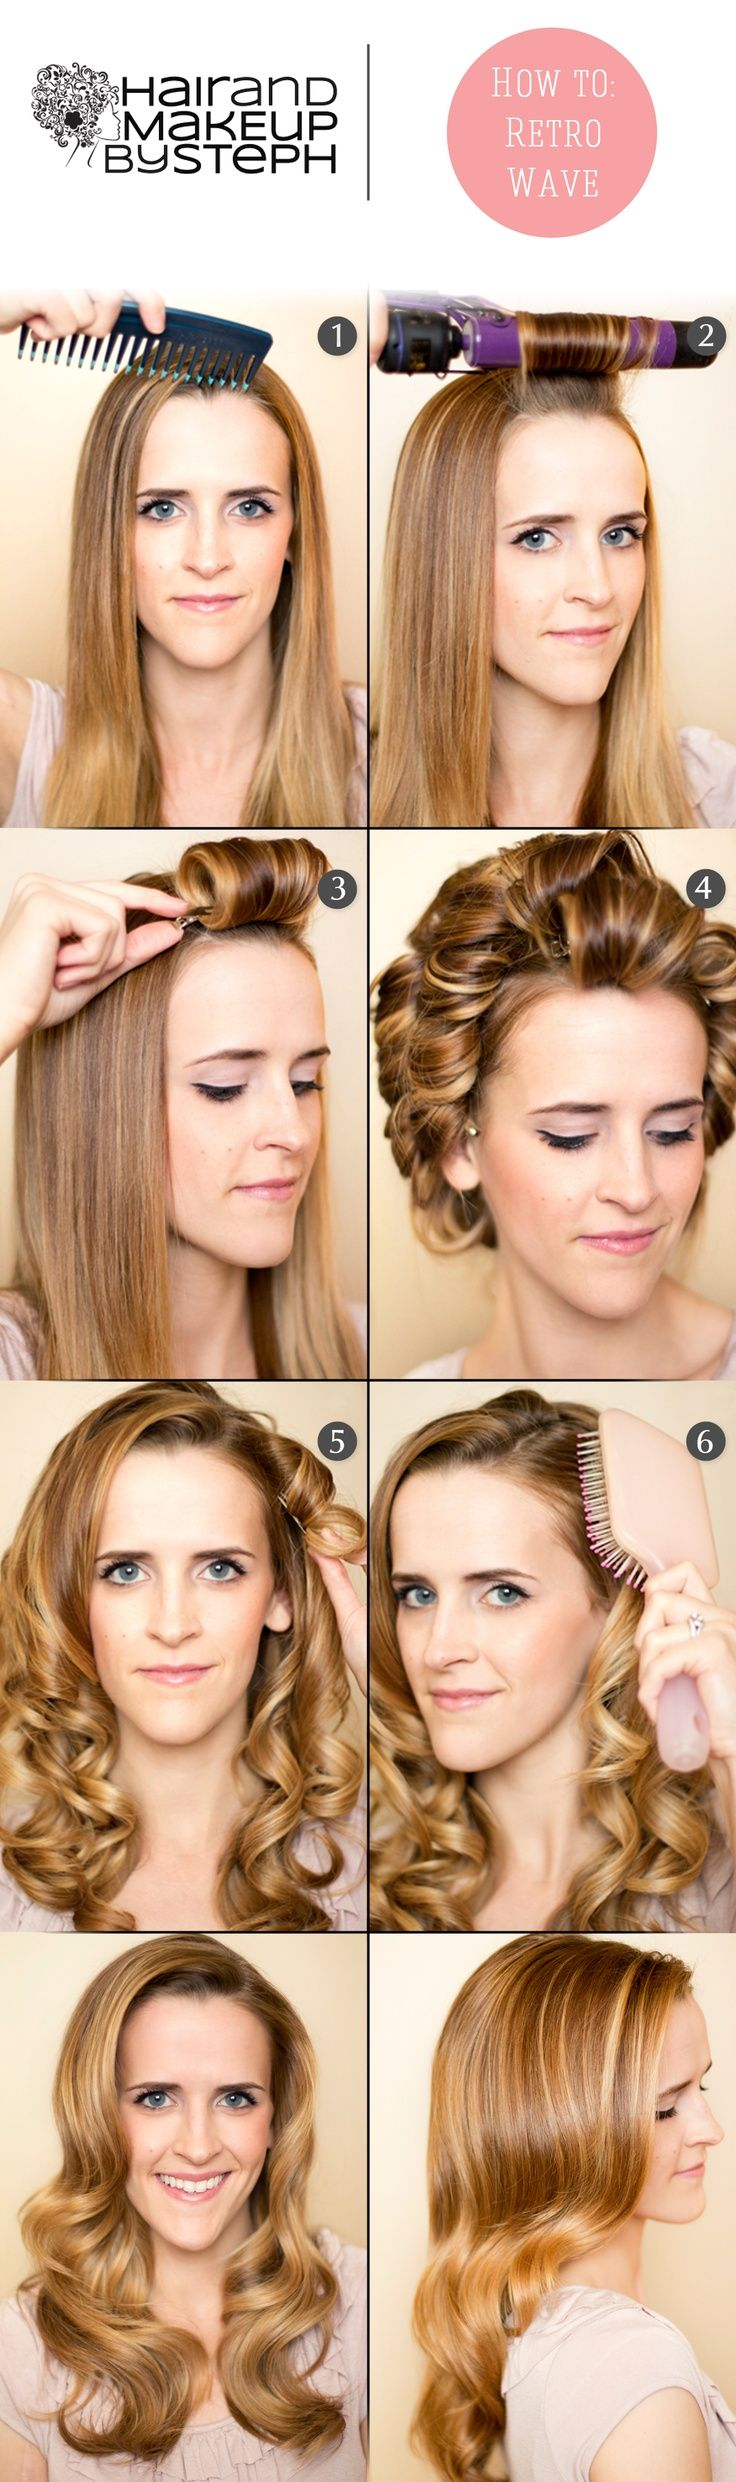 Как сделать легкие волны на волосах в домашних условиях